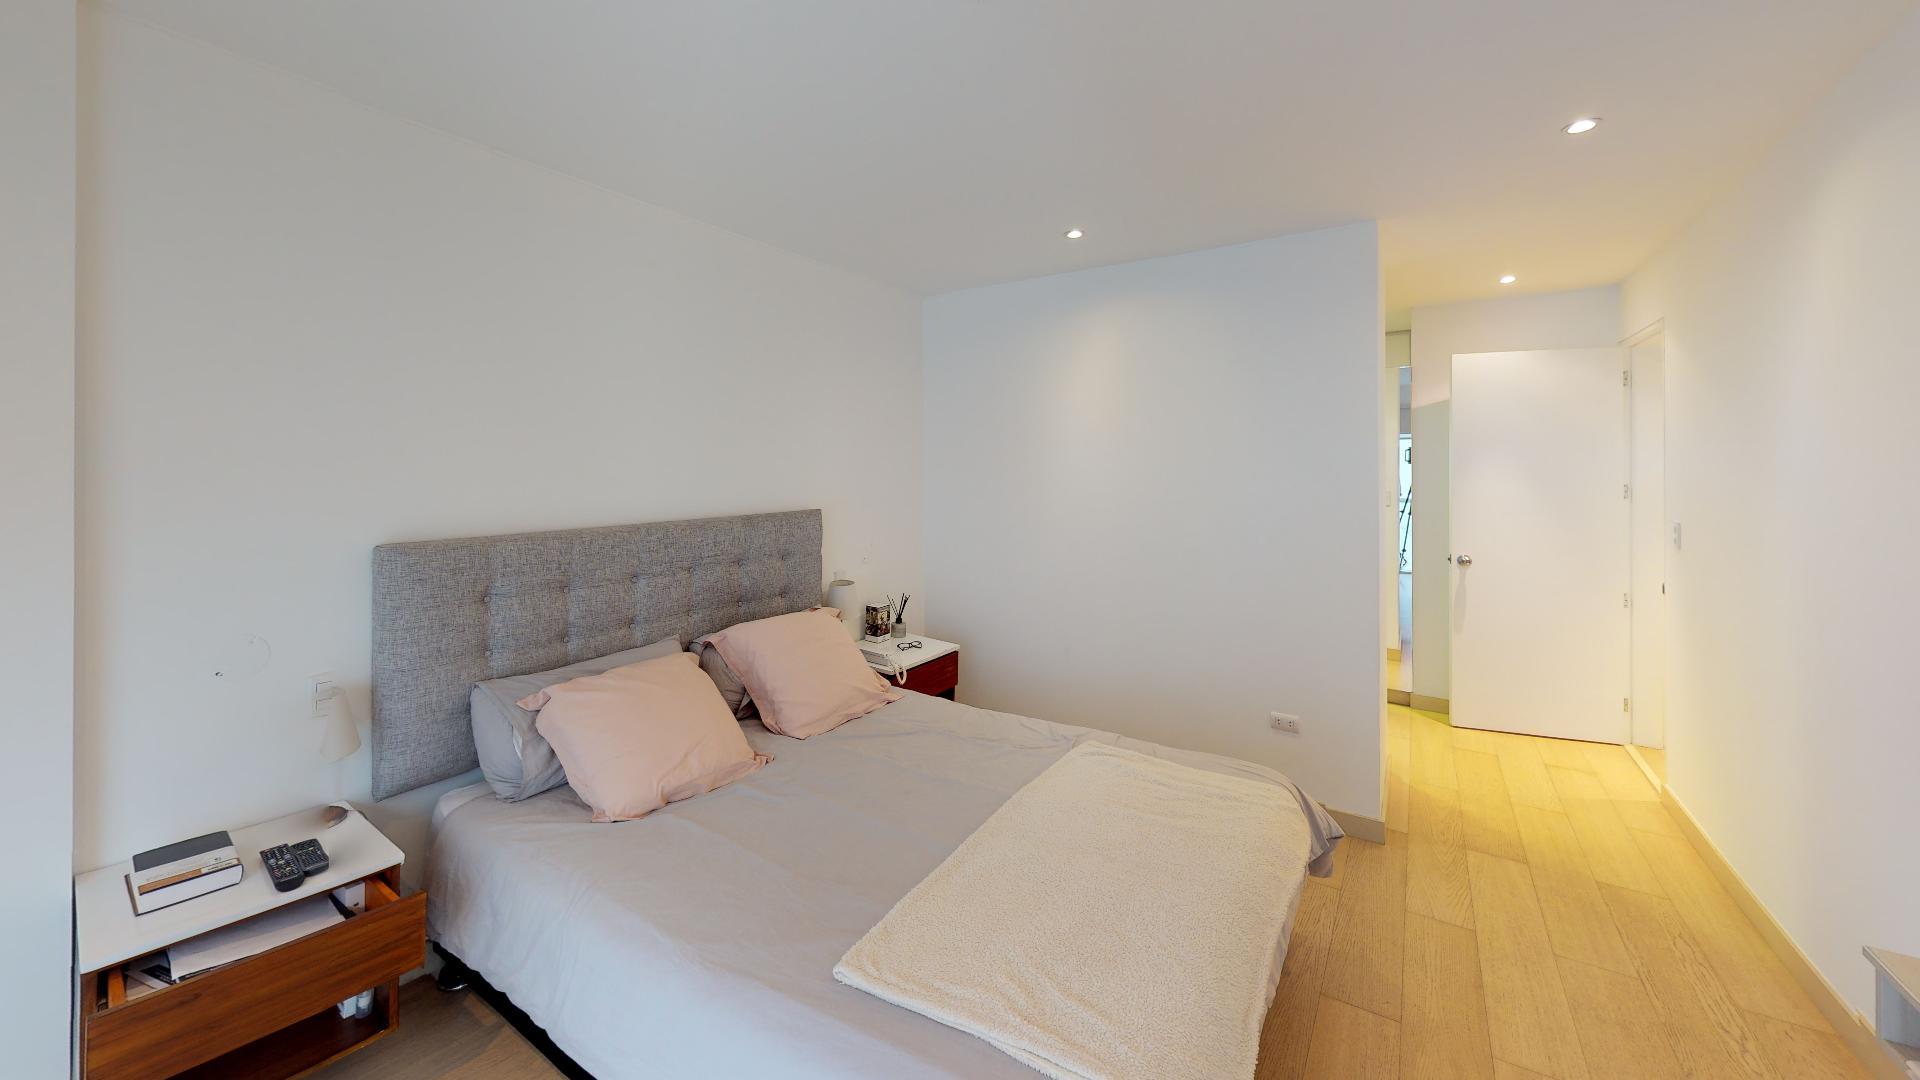 Habitación principal del recorrido virtual de un hermoso departamento en Sáenz Peña, Barranco, Lima, Perú